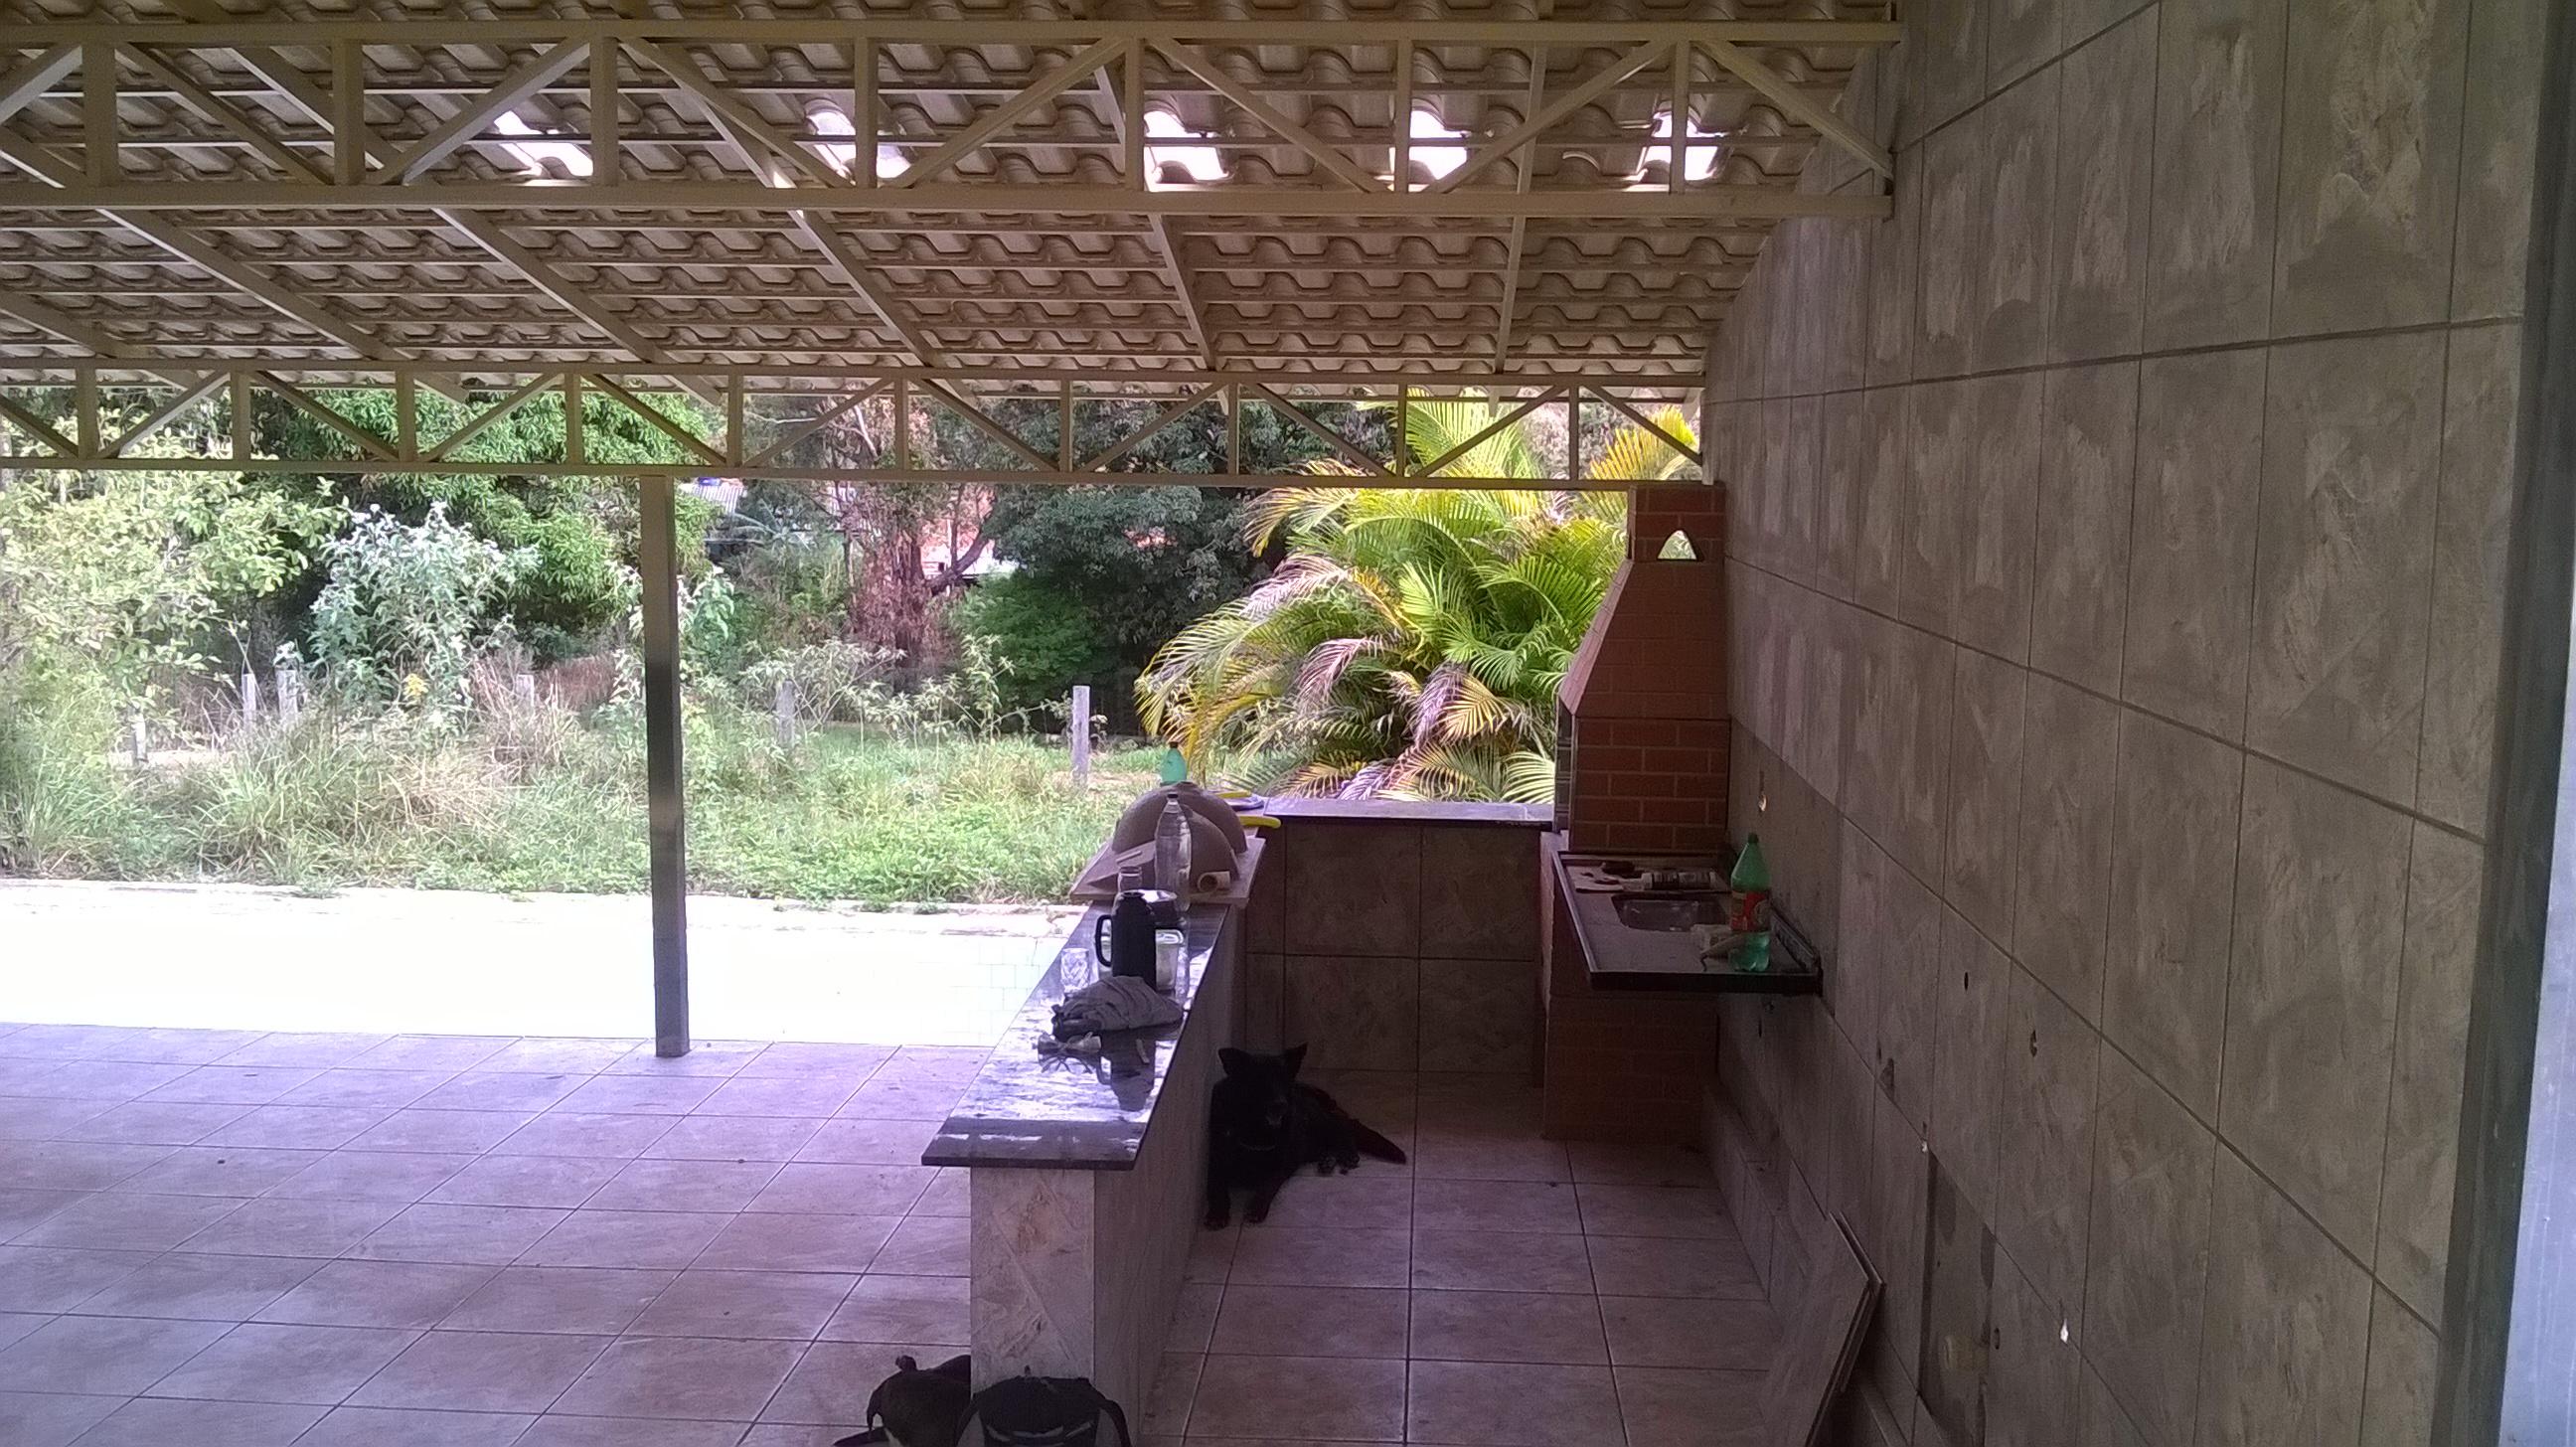 Área Lazer : Telhado, Piso, Bancada